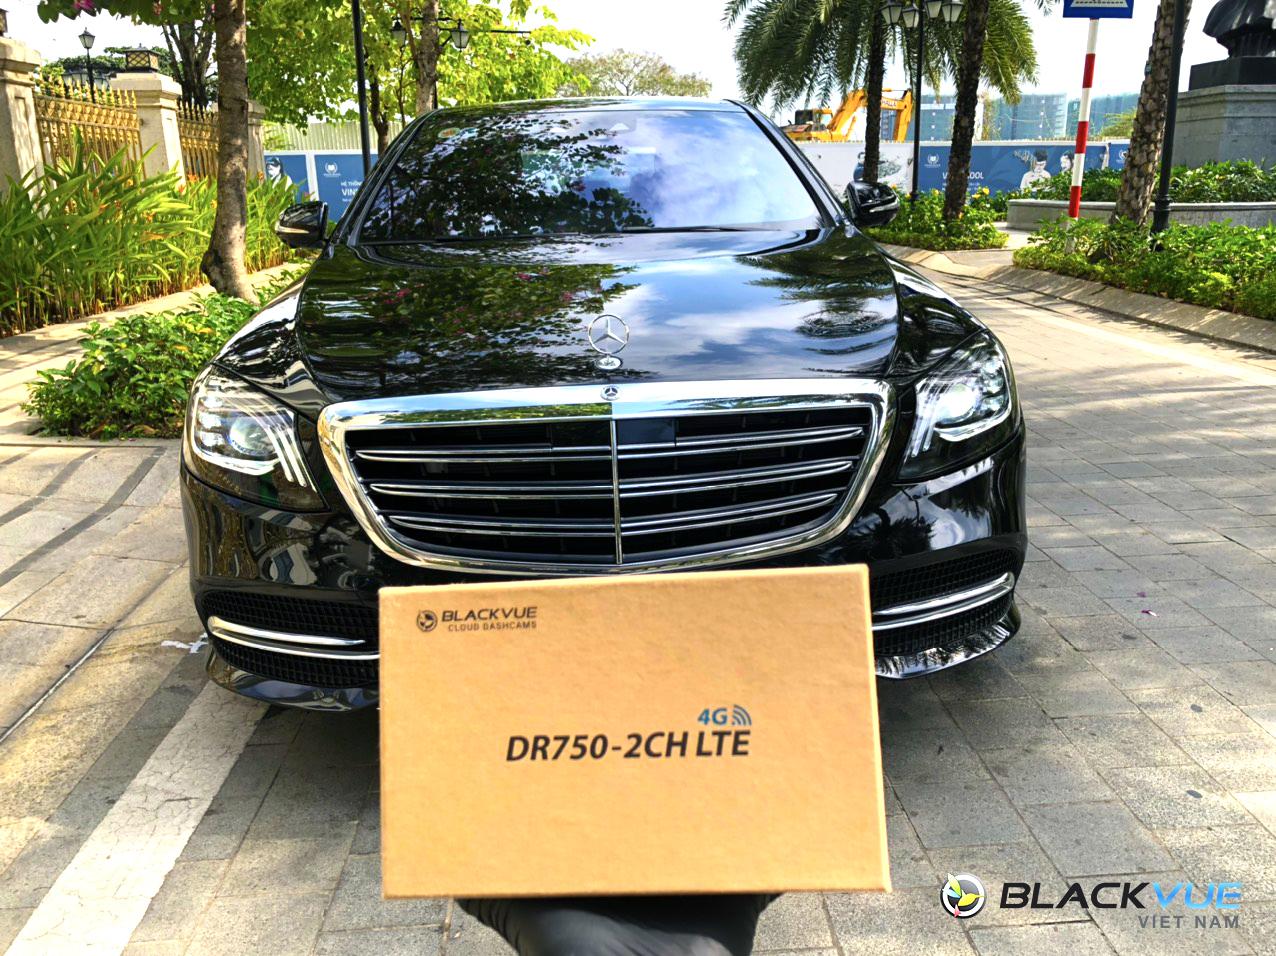 3 - Blackvue DR750-2CH LTE và xe sang?